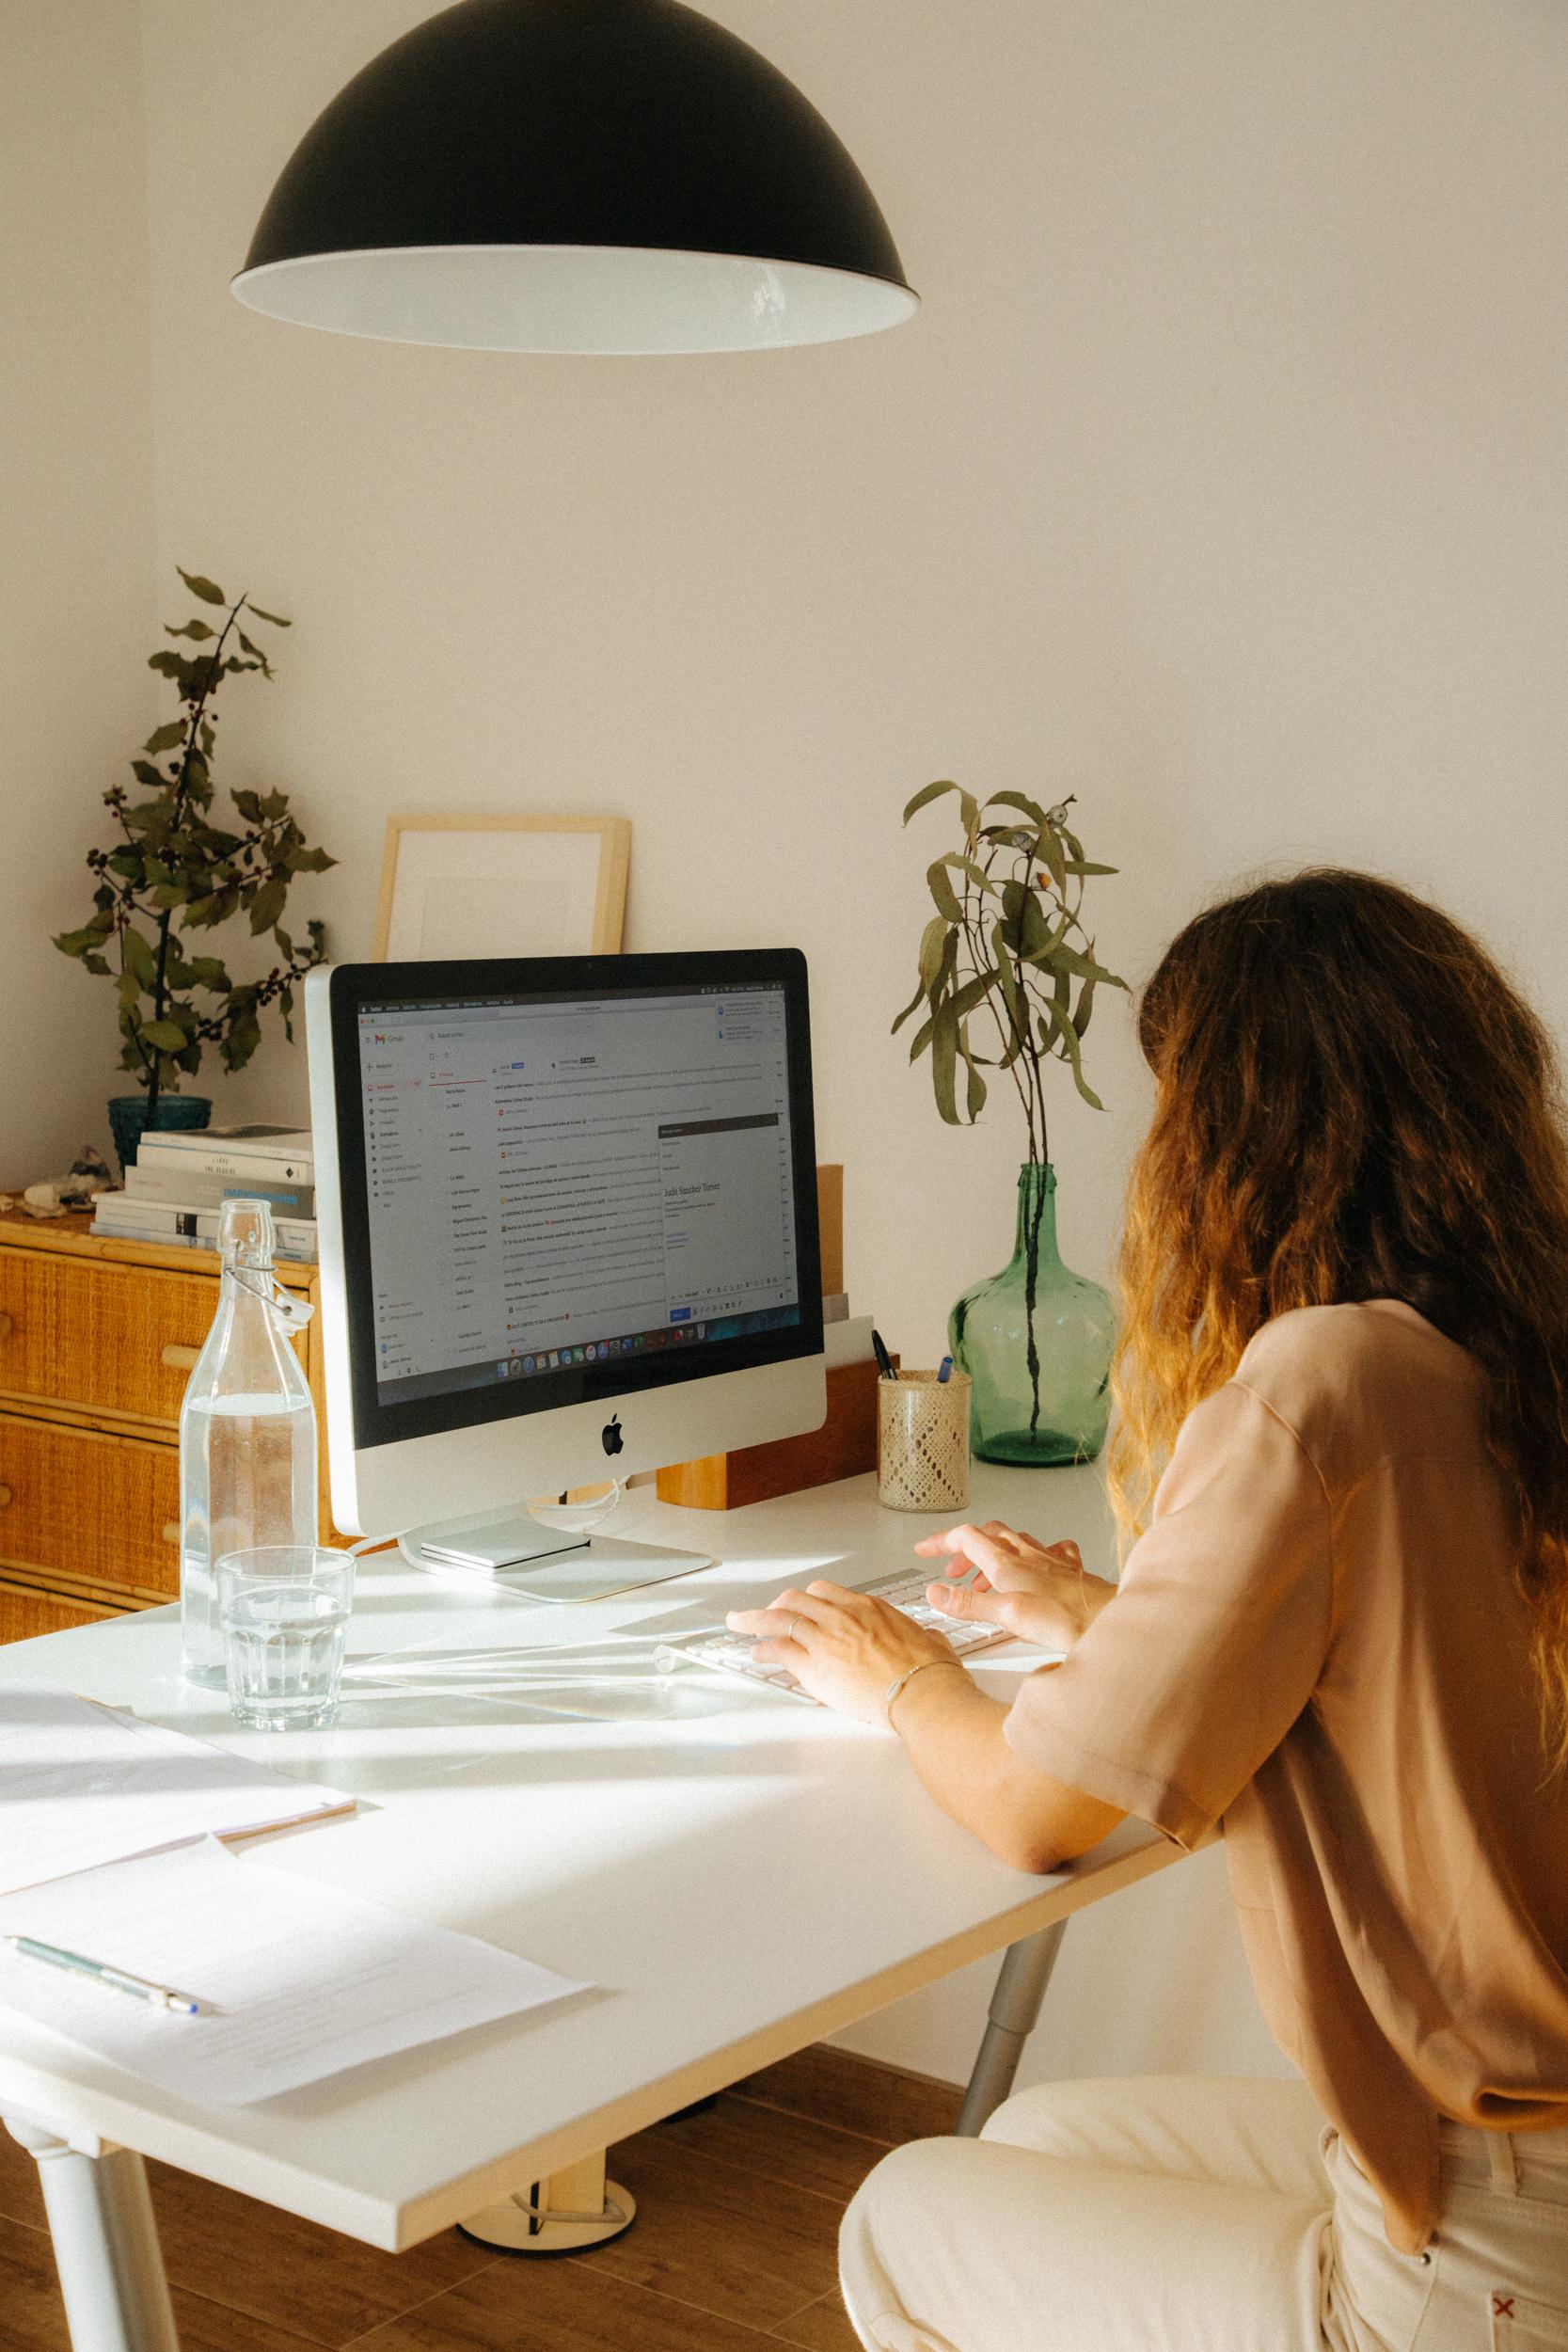 Sobre Calma Studio. Judit Sanchez Torner fundadora del estudio de Branding Calma Studio trabajando con la creación de marca